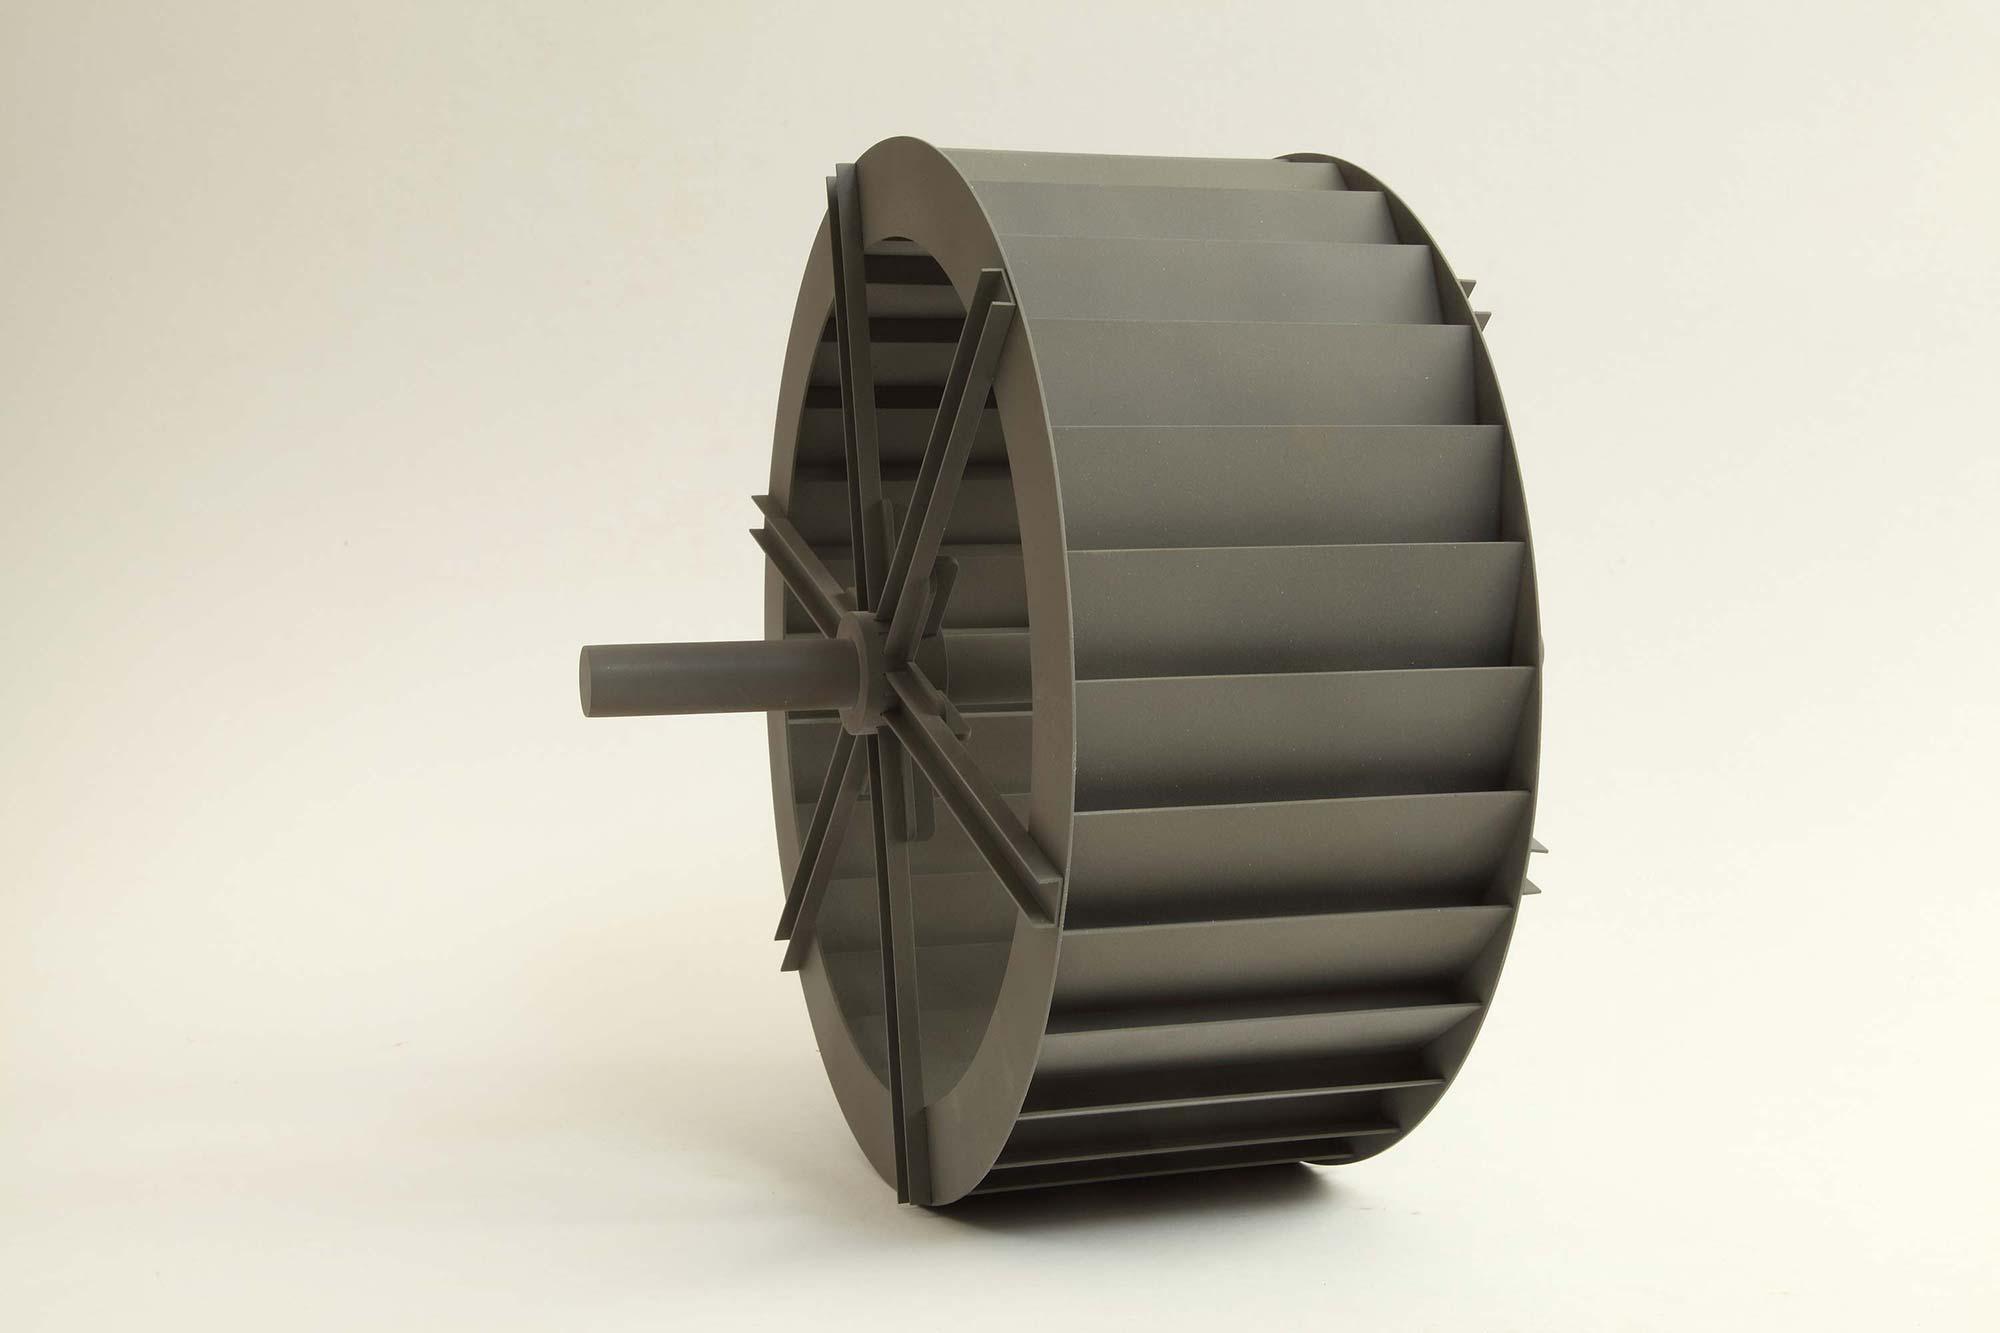 Modell eines stählernen Wasserrades